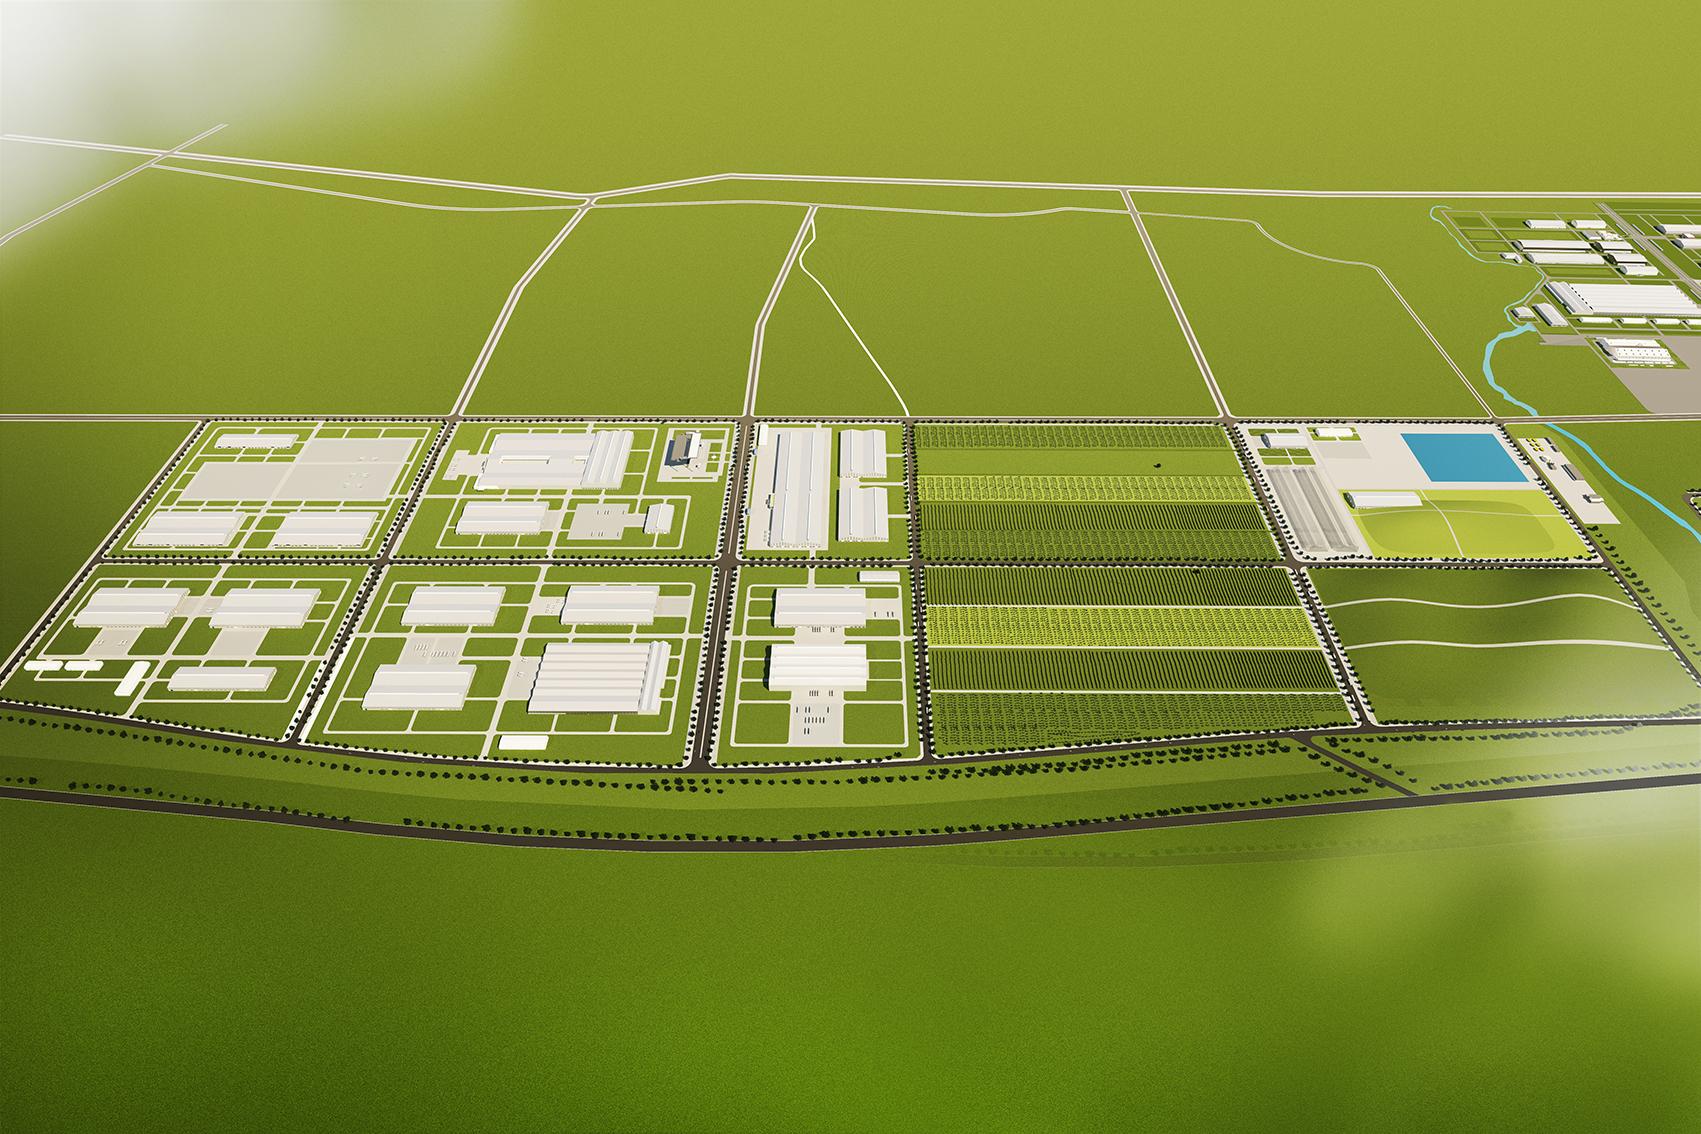 Quảng Nam: Giao 100 ha cho chủ đầu tư dự án KCN Thaco Chu Lai vào giữa tháng 6/2021 - Ảnh 2.